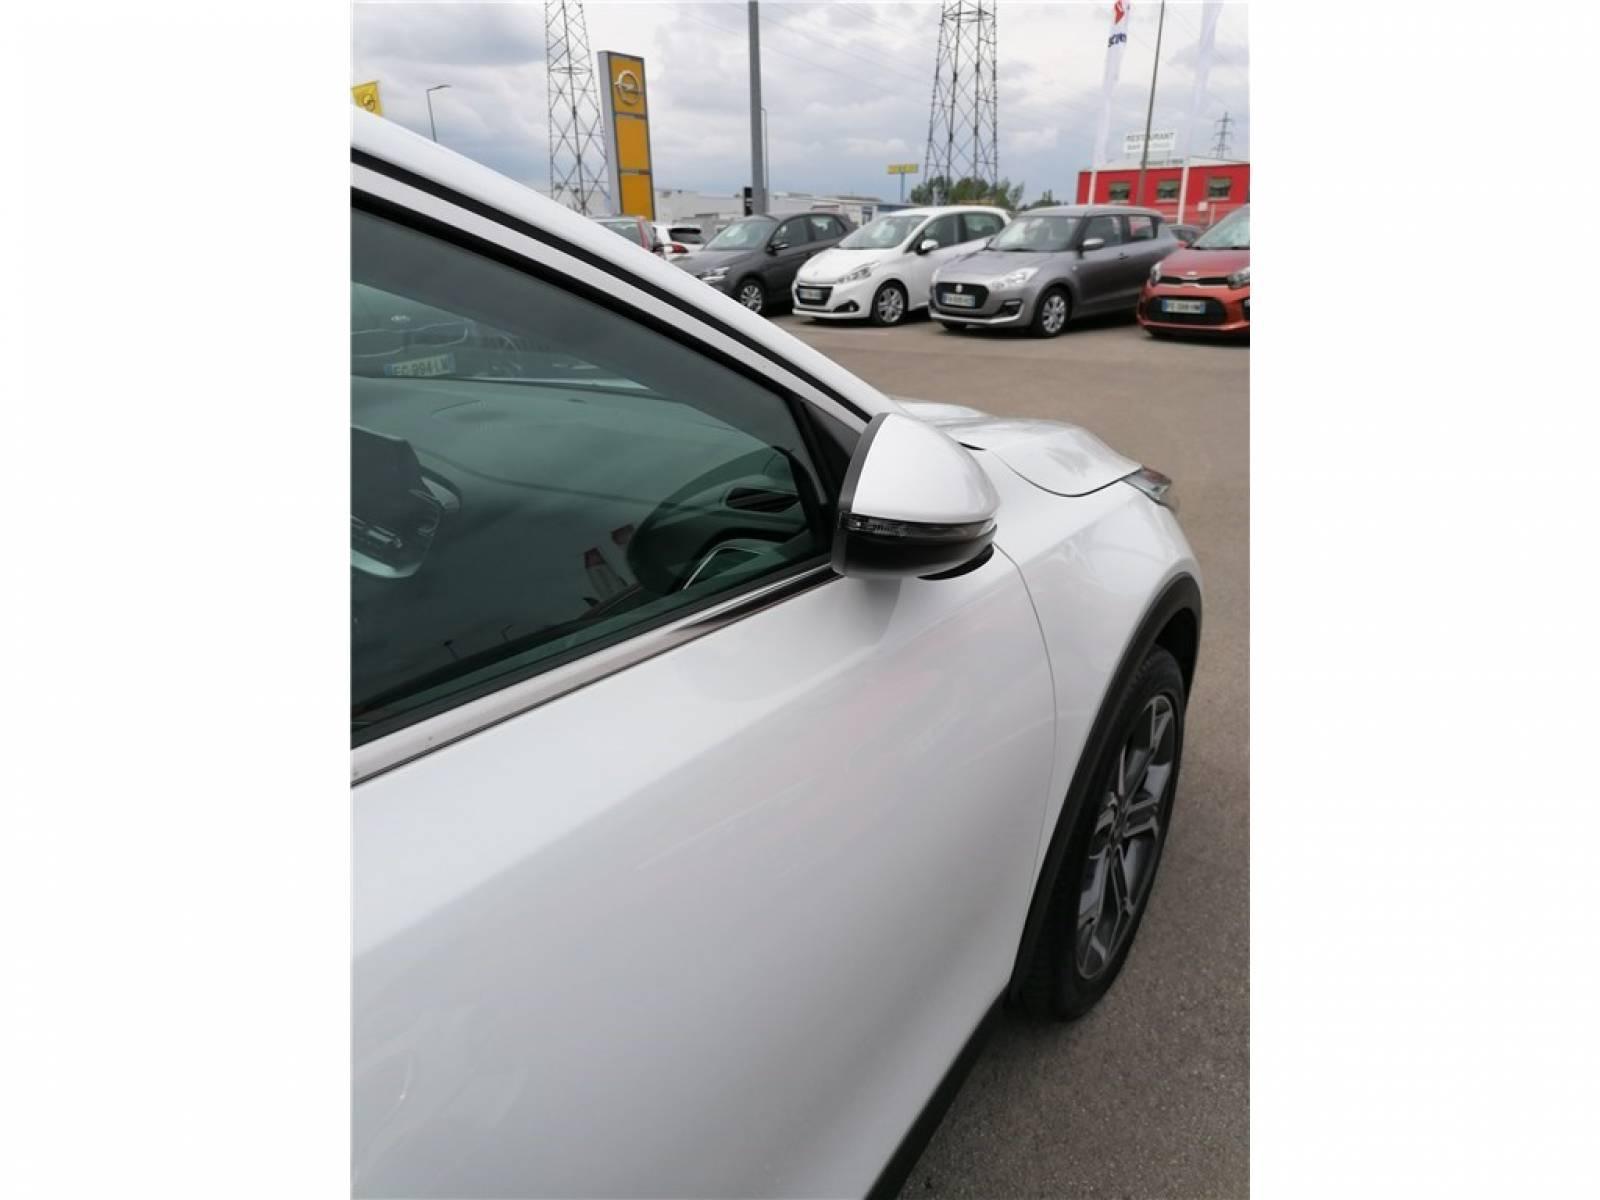 KIA XCeed 1.6l CRDi 136 ch DCT7 ISG - véhicule d'occasion - Groupe Guillet - Hall de l'automobile - Chalon sur Saône - 71380 - Saint-Marcel - 43